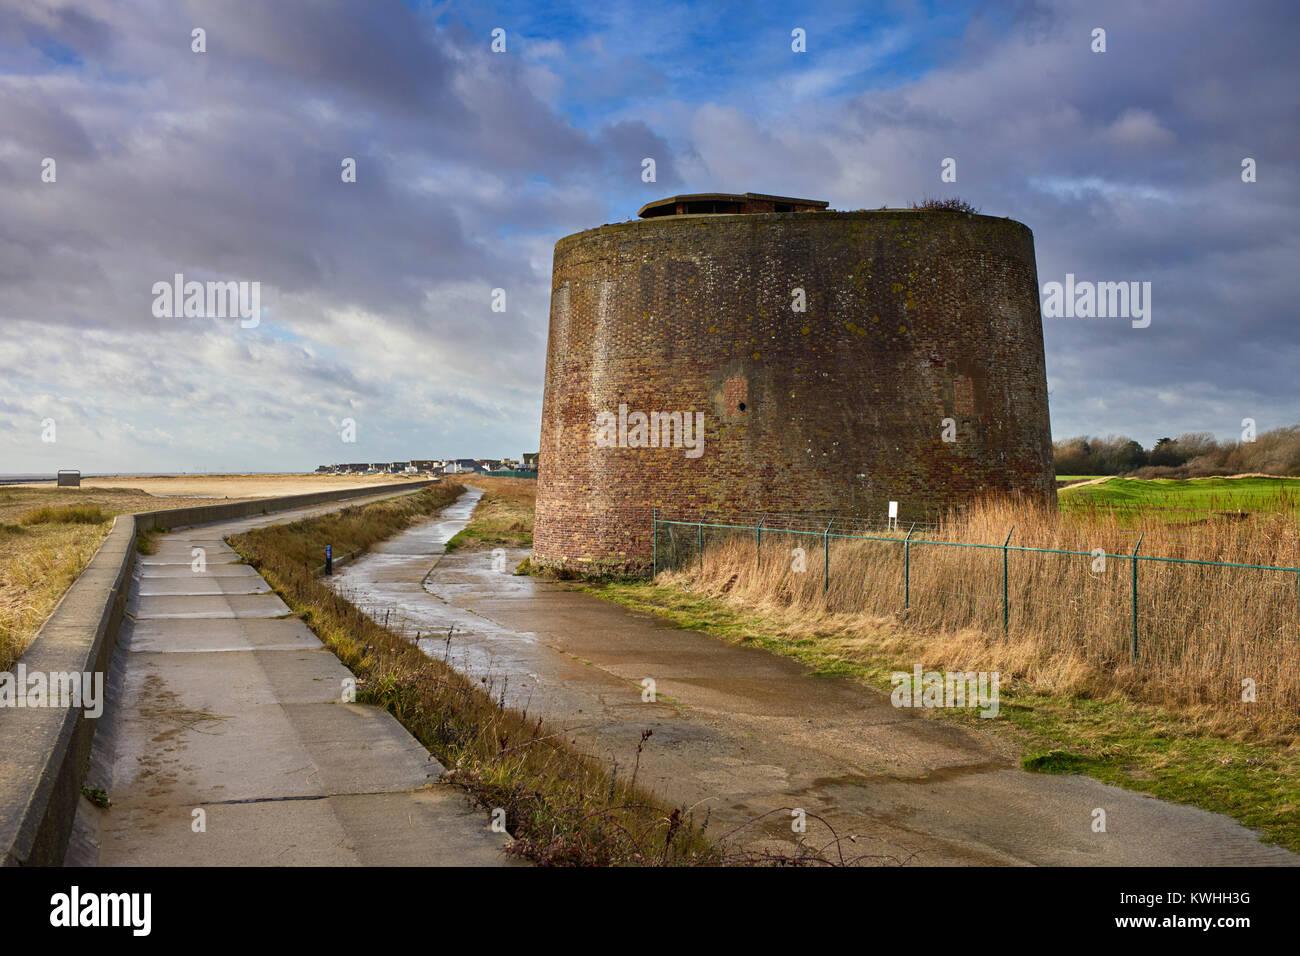 Martello tower in Clacton, Essex - Stock Image